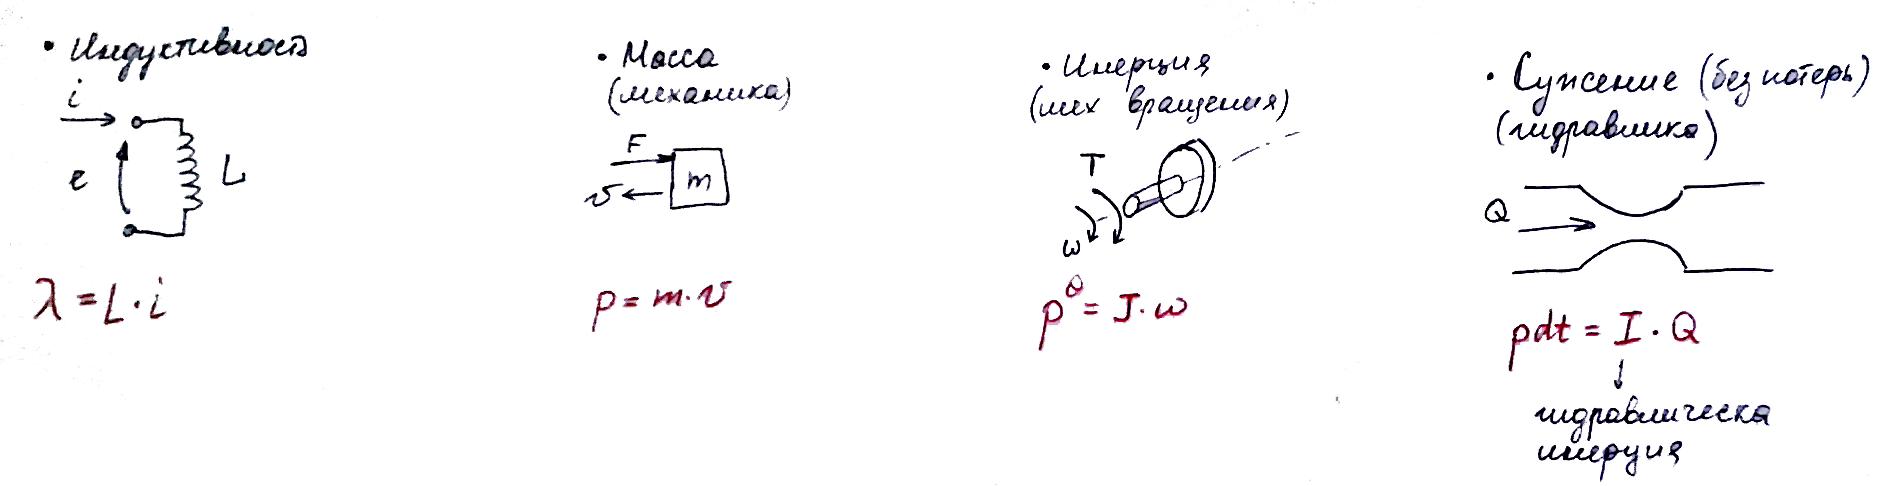 Моделирование динамических систем (метод Лагранжа и Bond graph approach) - 31